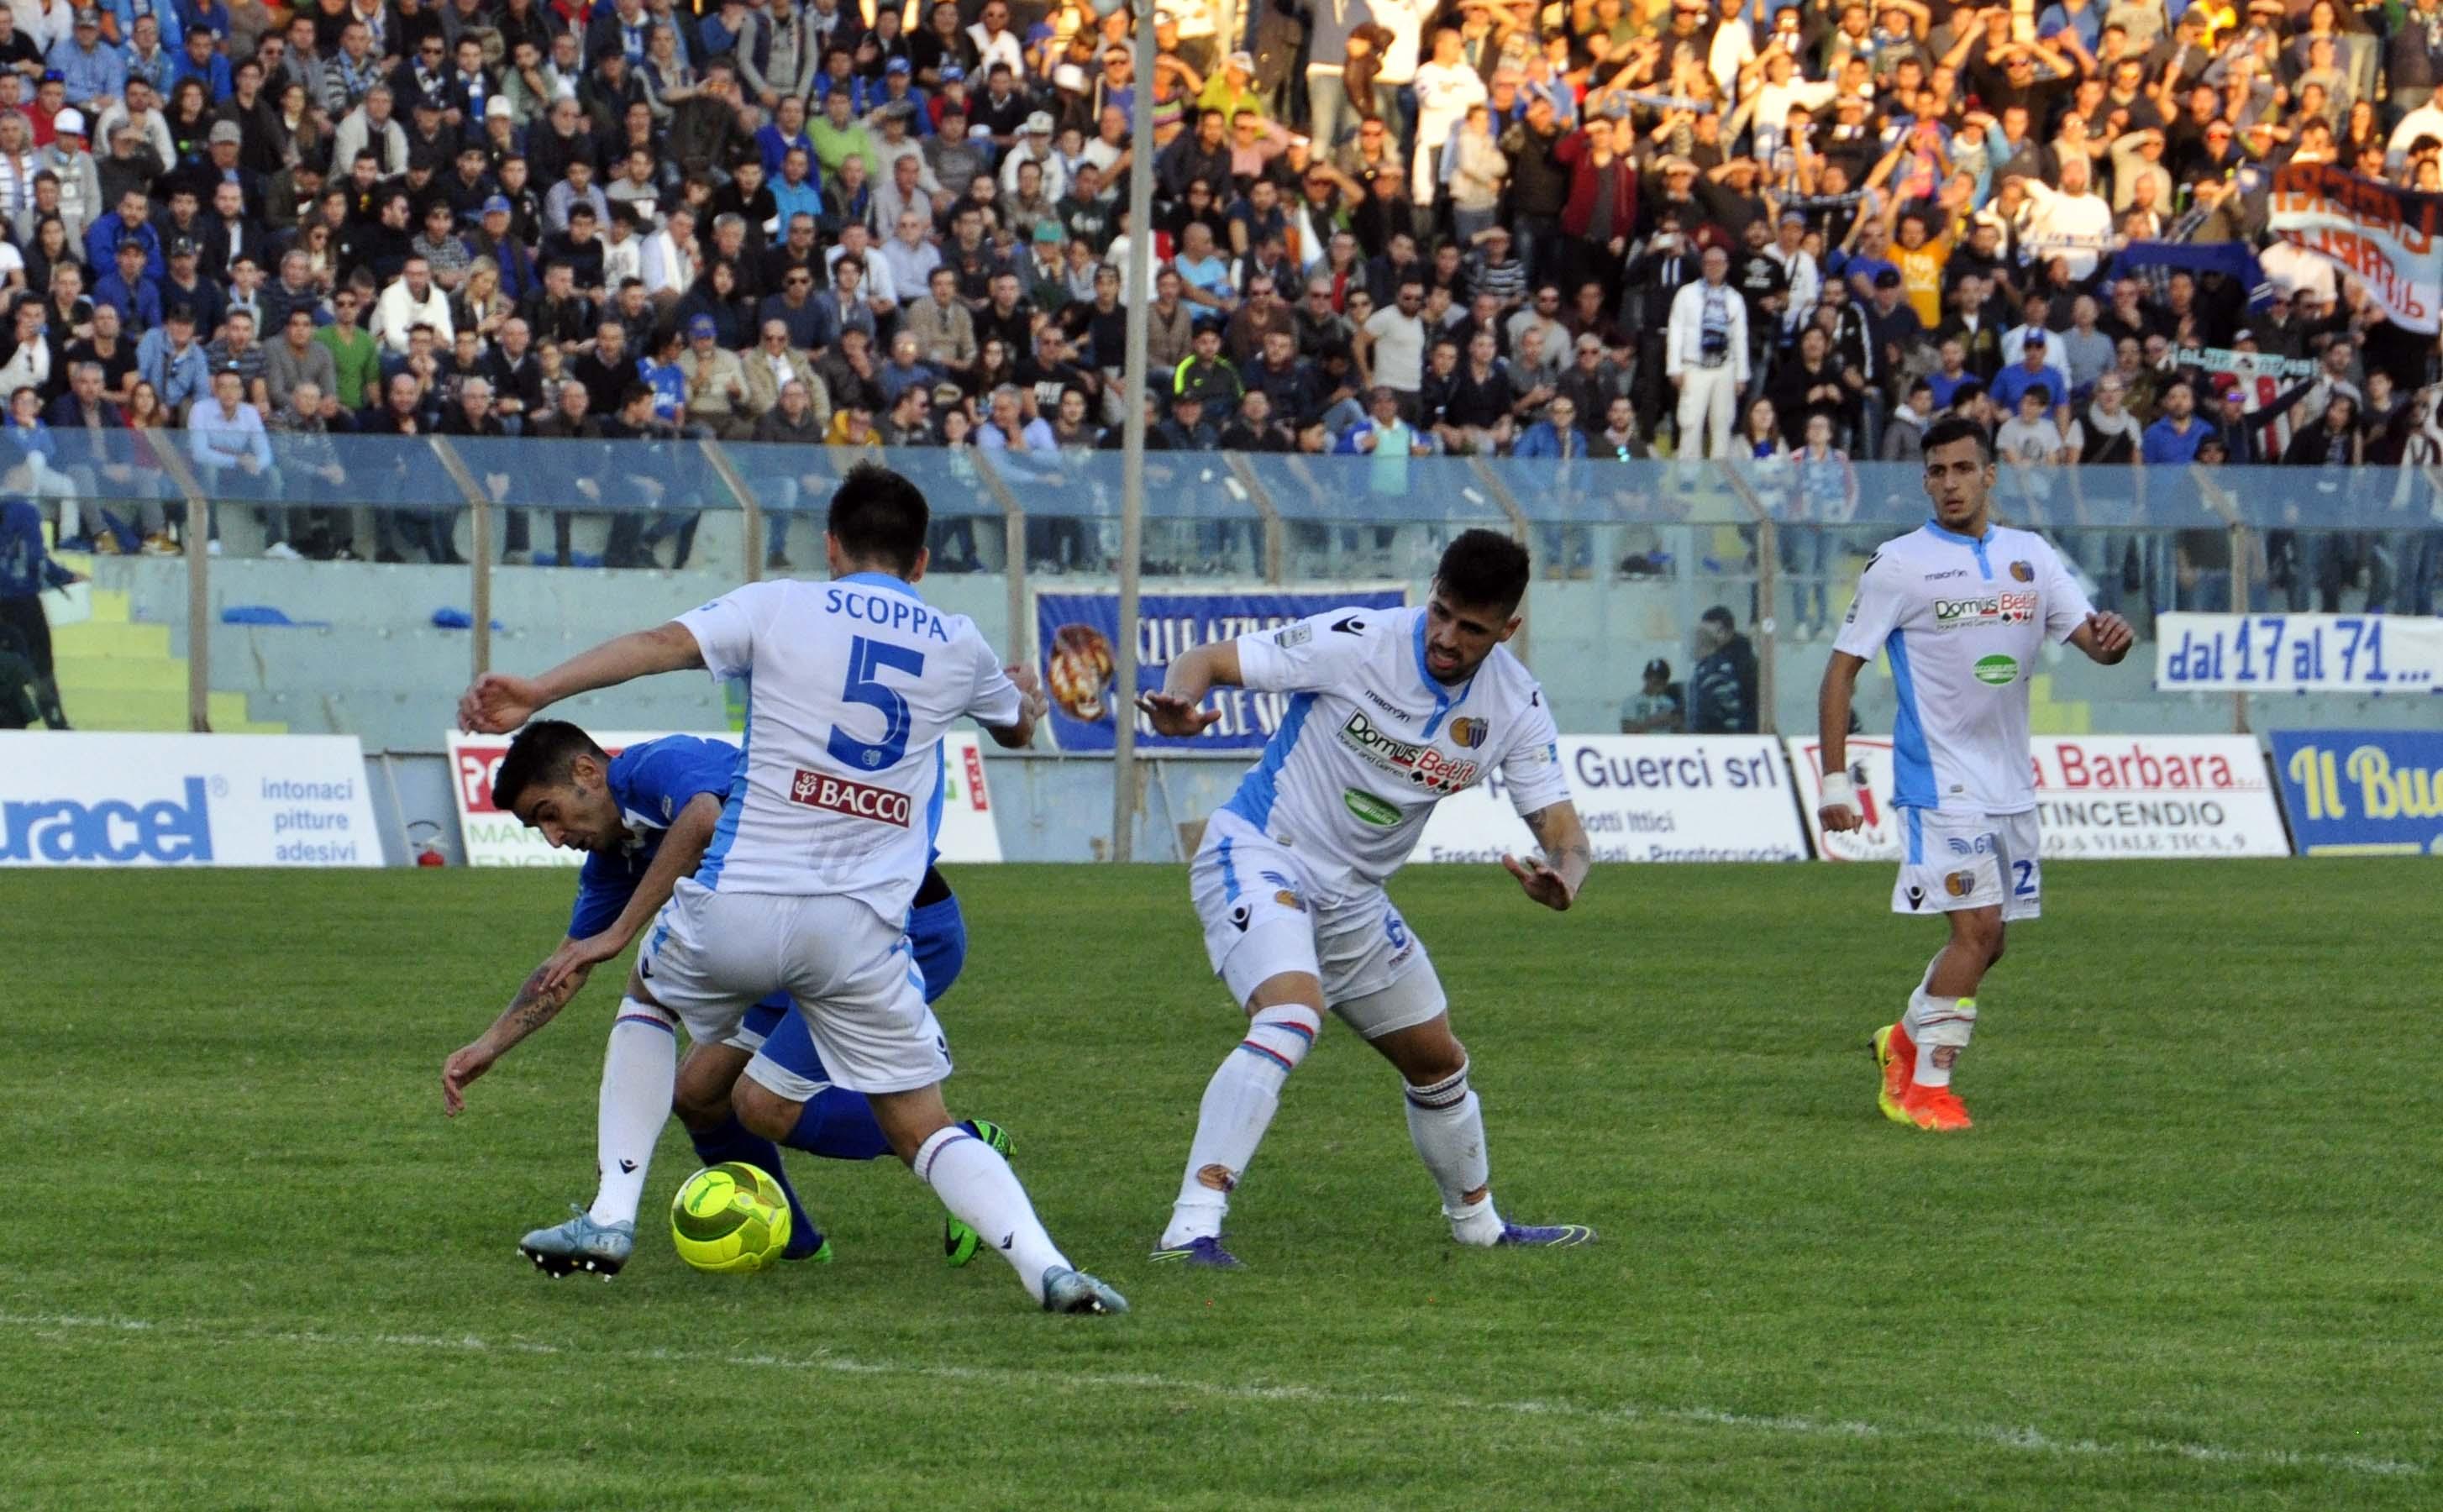 Riviate 6 partite in Lega Pro: per ora non si gioca il derby Catania-Siracusa